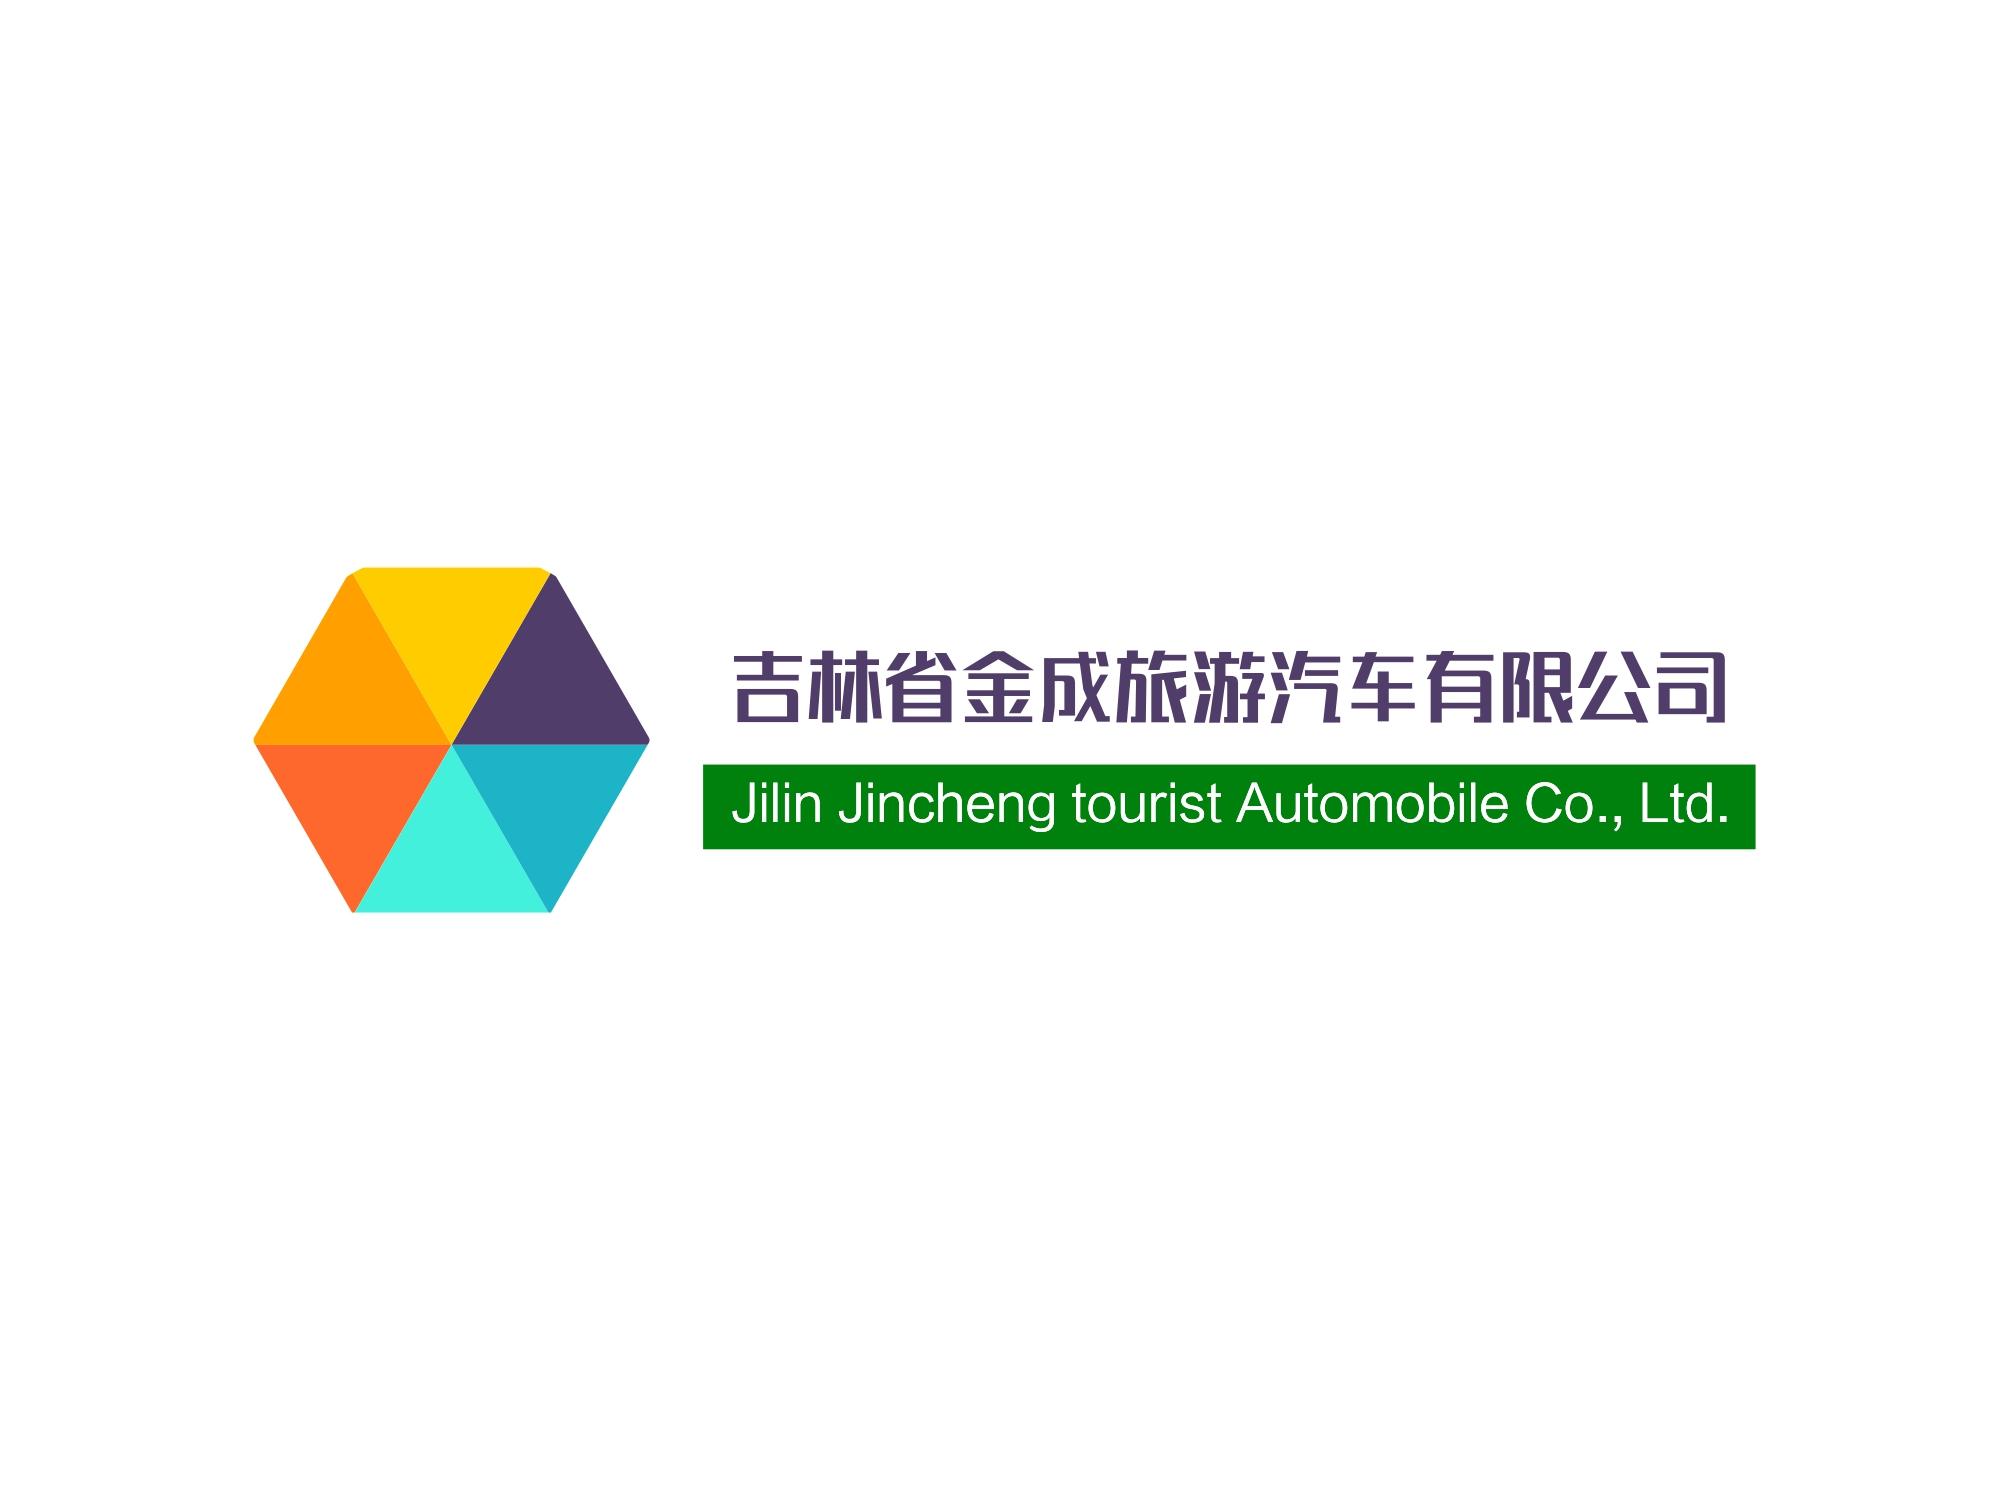 吉林省金成旅游汽车有限公司